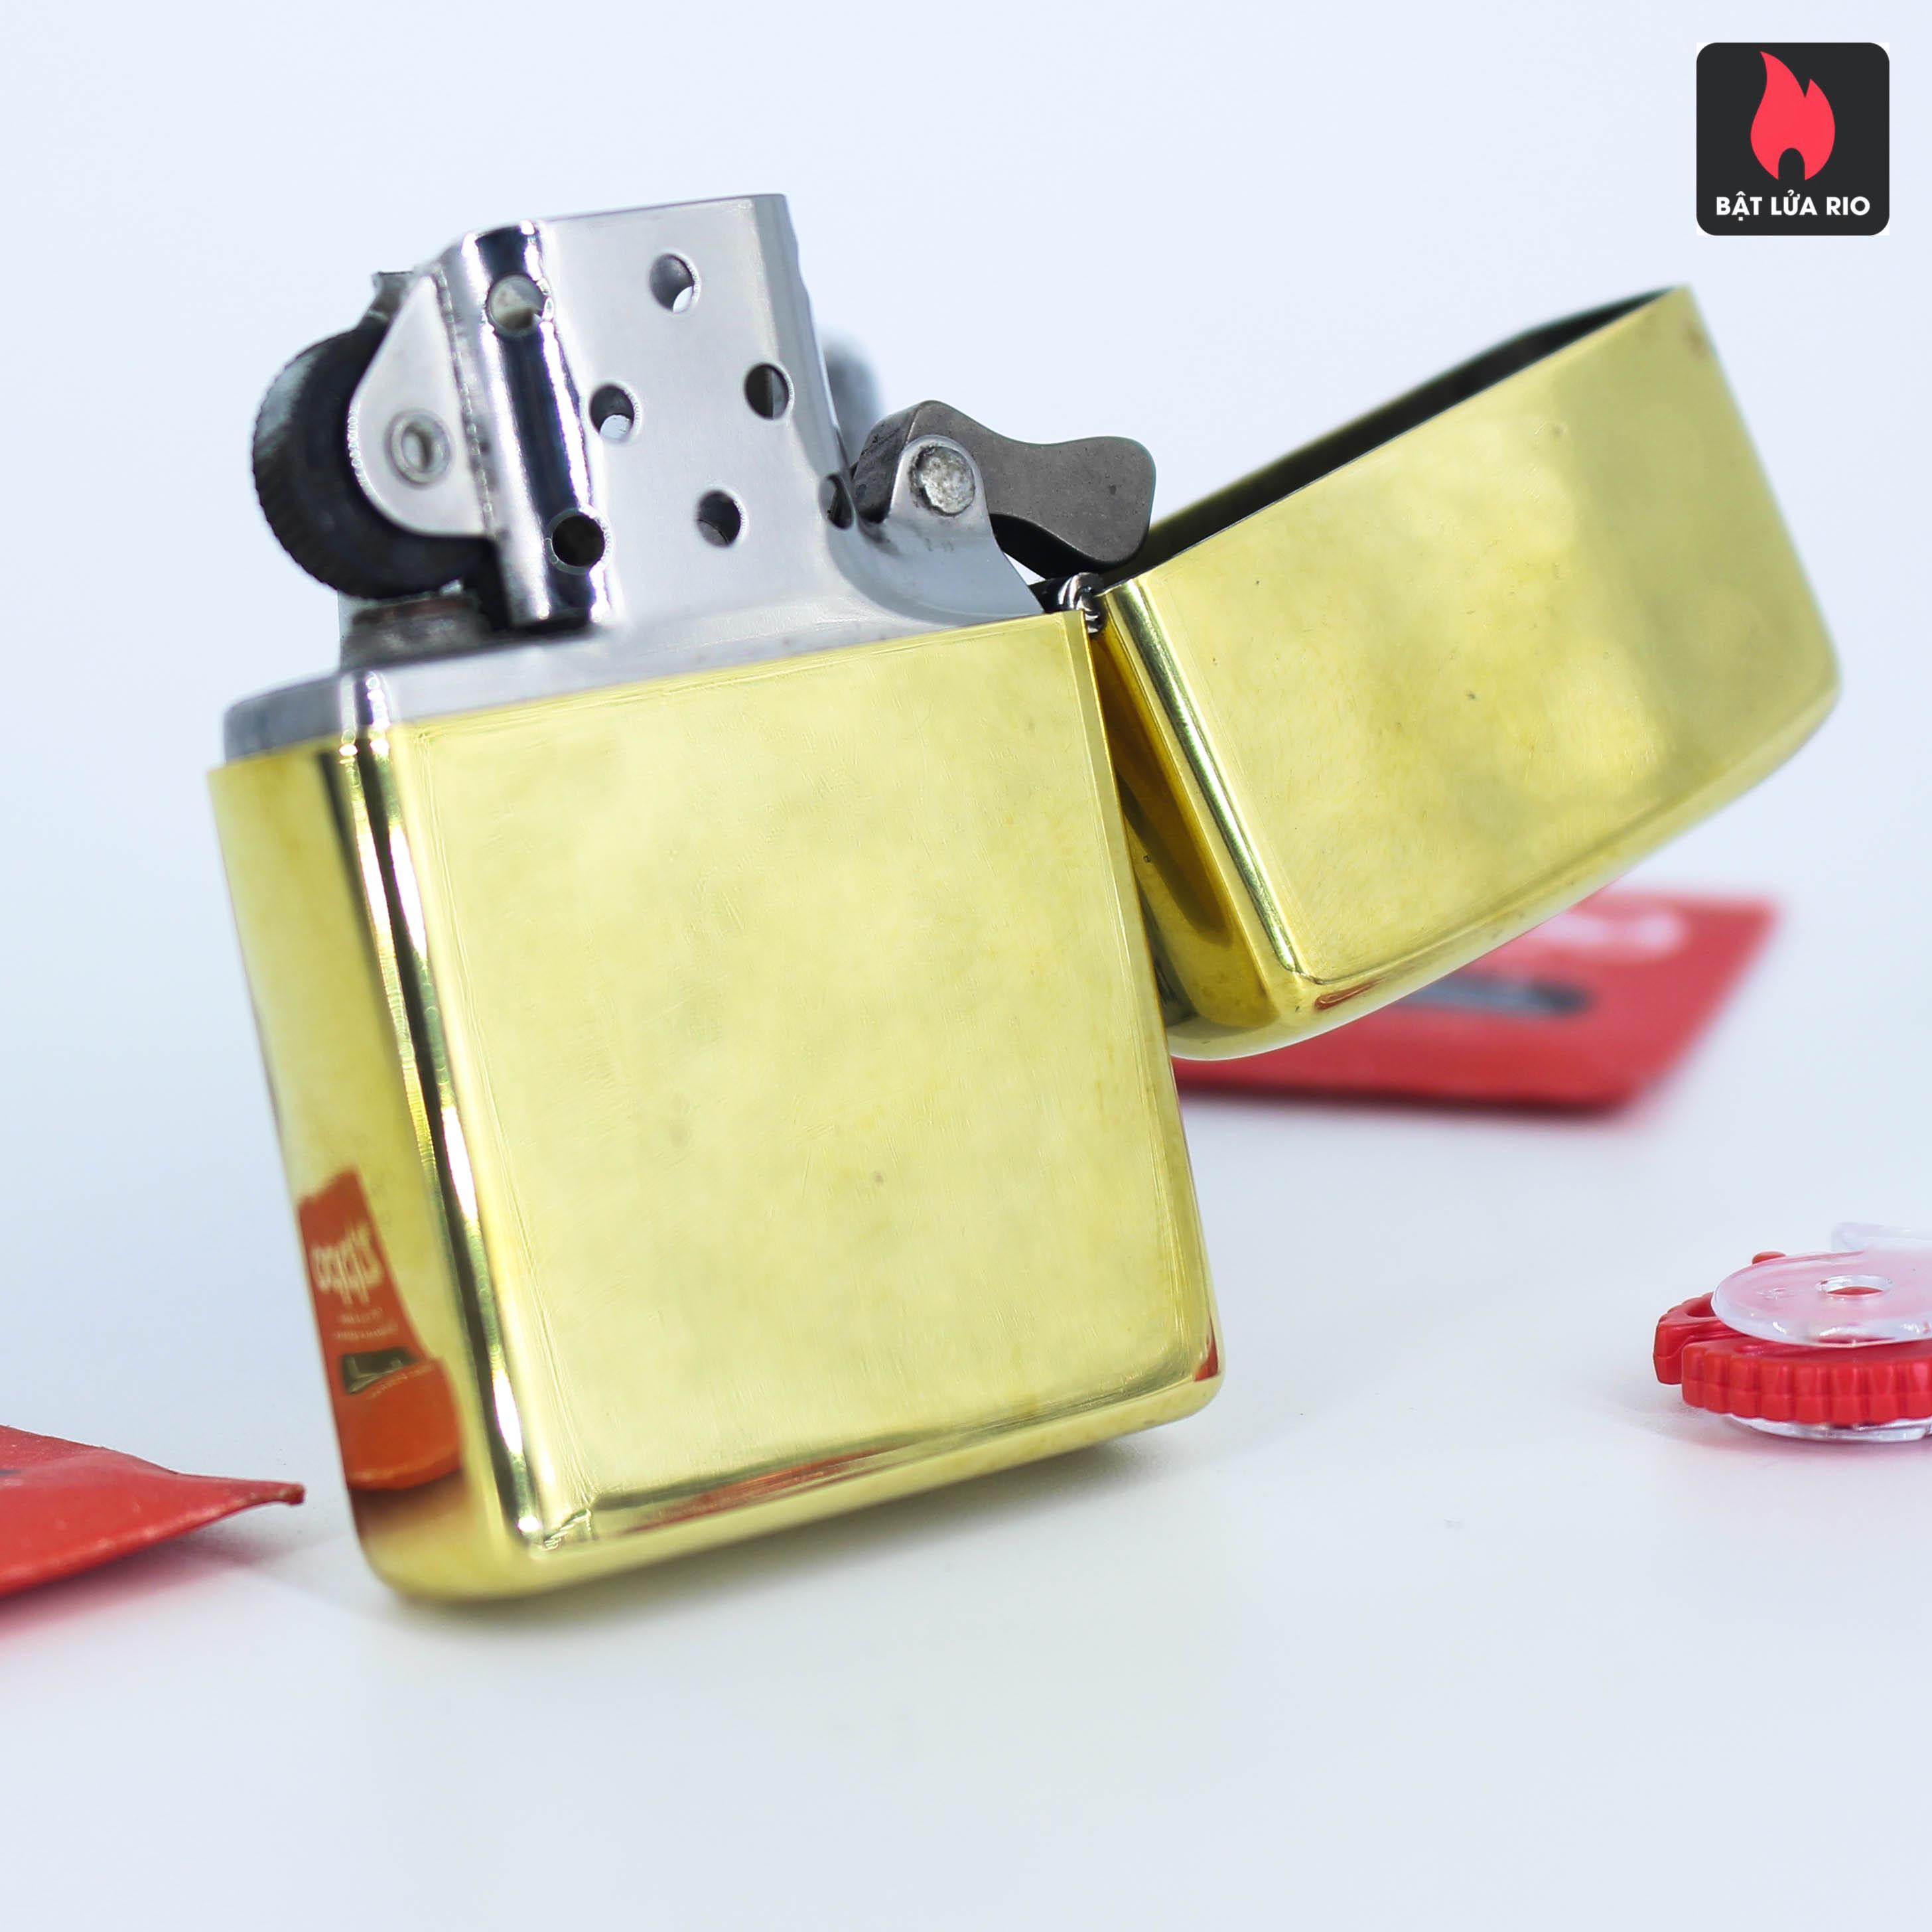 Hiếm – Zippo Xưa 1977 – Solid Brass – Đồng Nguyên Khối - High Polished 5